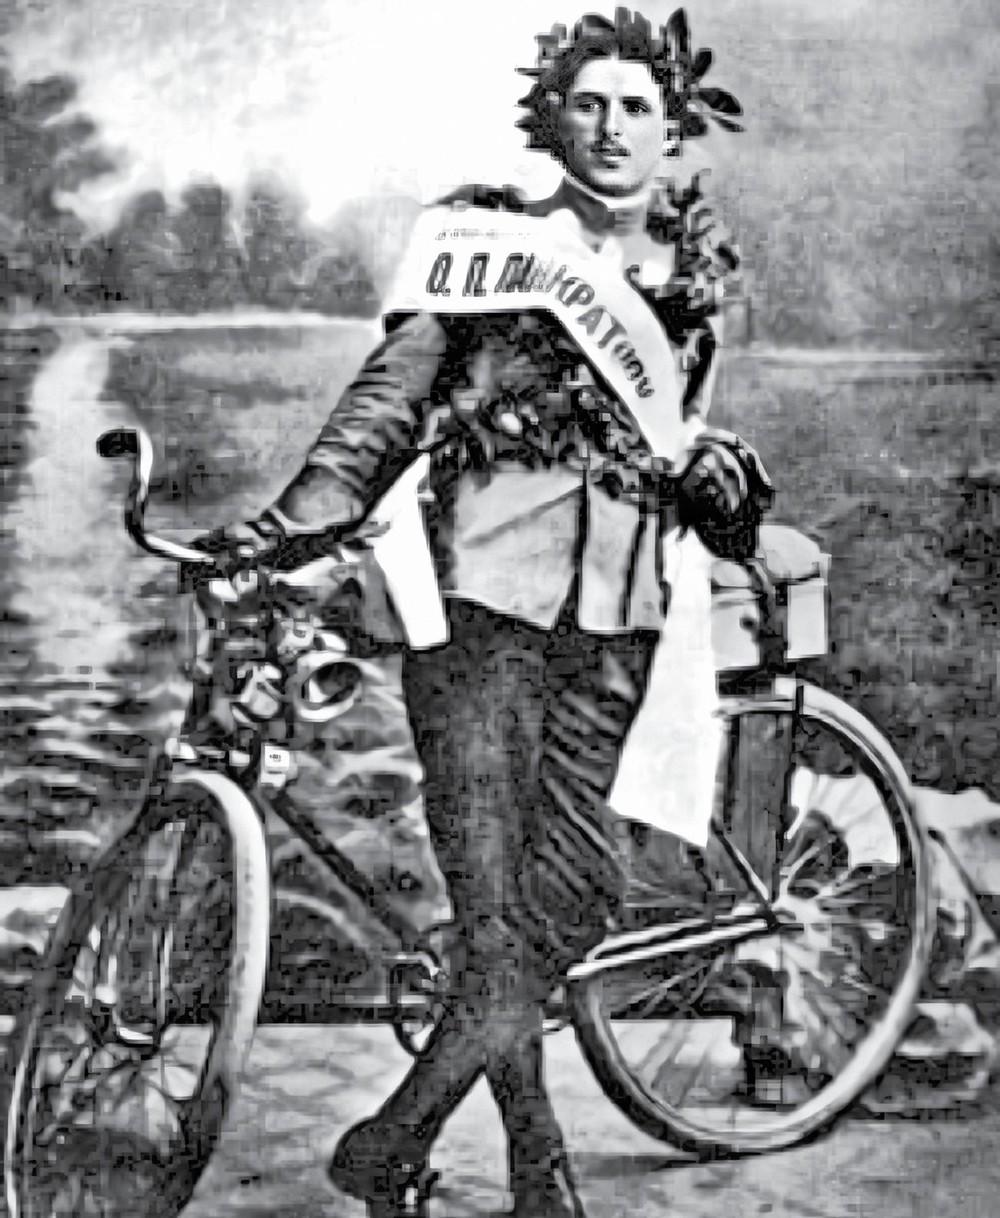 """Hành trình """"vô tiền khoáng hậu"""" của người đàn ông Nga đạp xe vòng quanh thế giới cách đây 100 năm - Ảnh 1."""